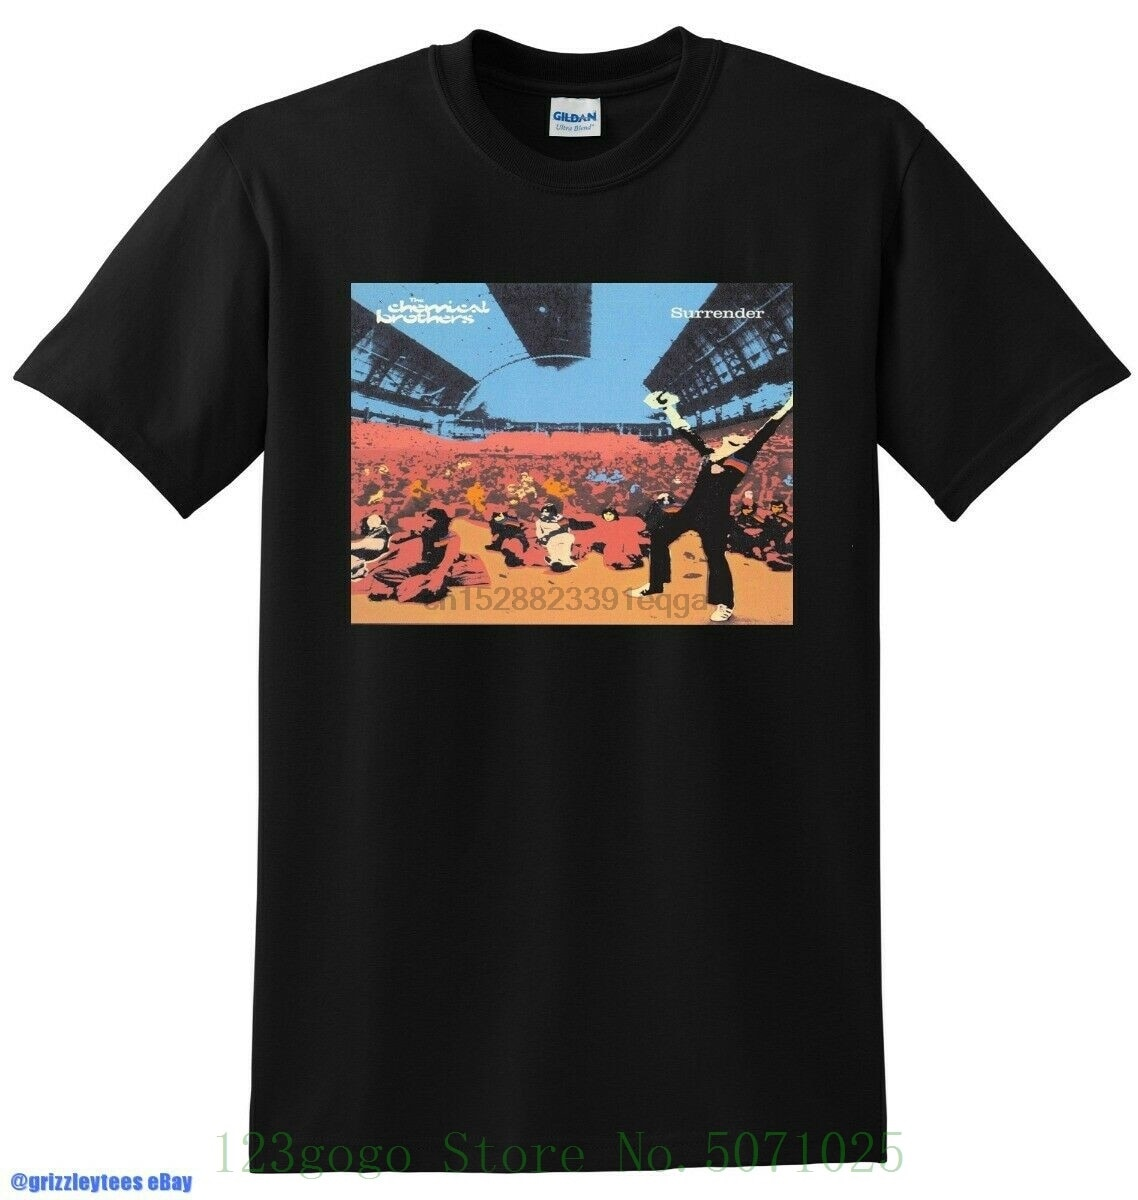 Nueva camiseta de The Chemical Brothers, de algodón puro, estampado pequeño, mediano, grande o Xl para hombre